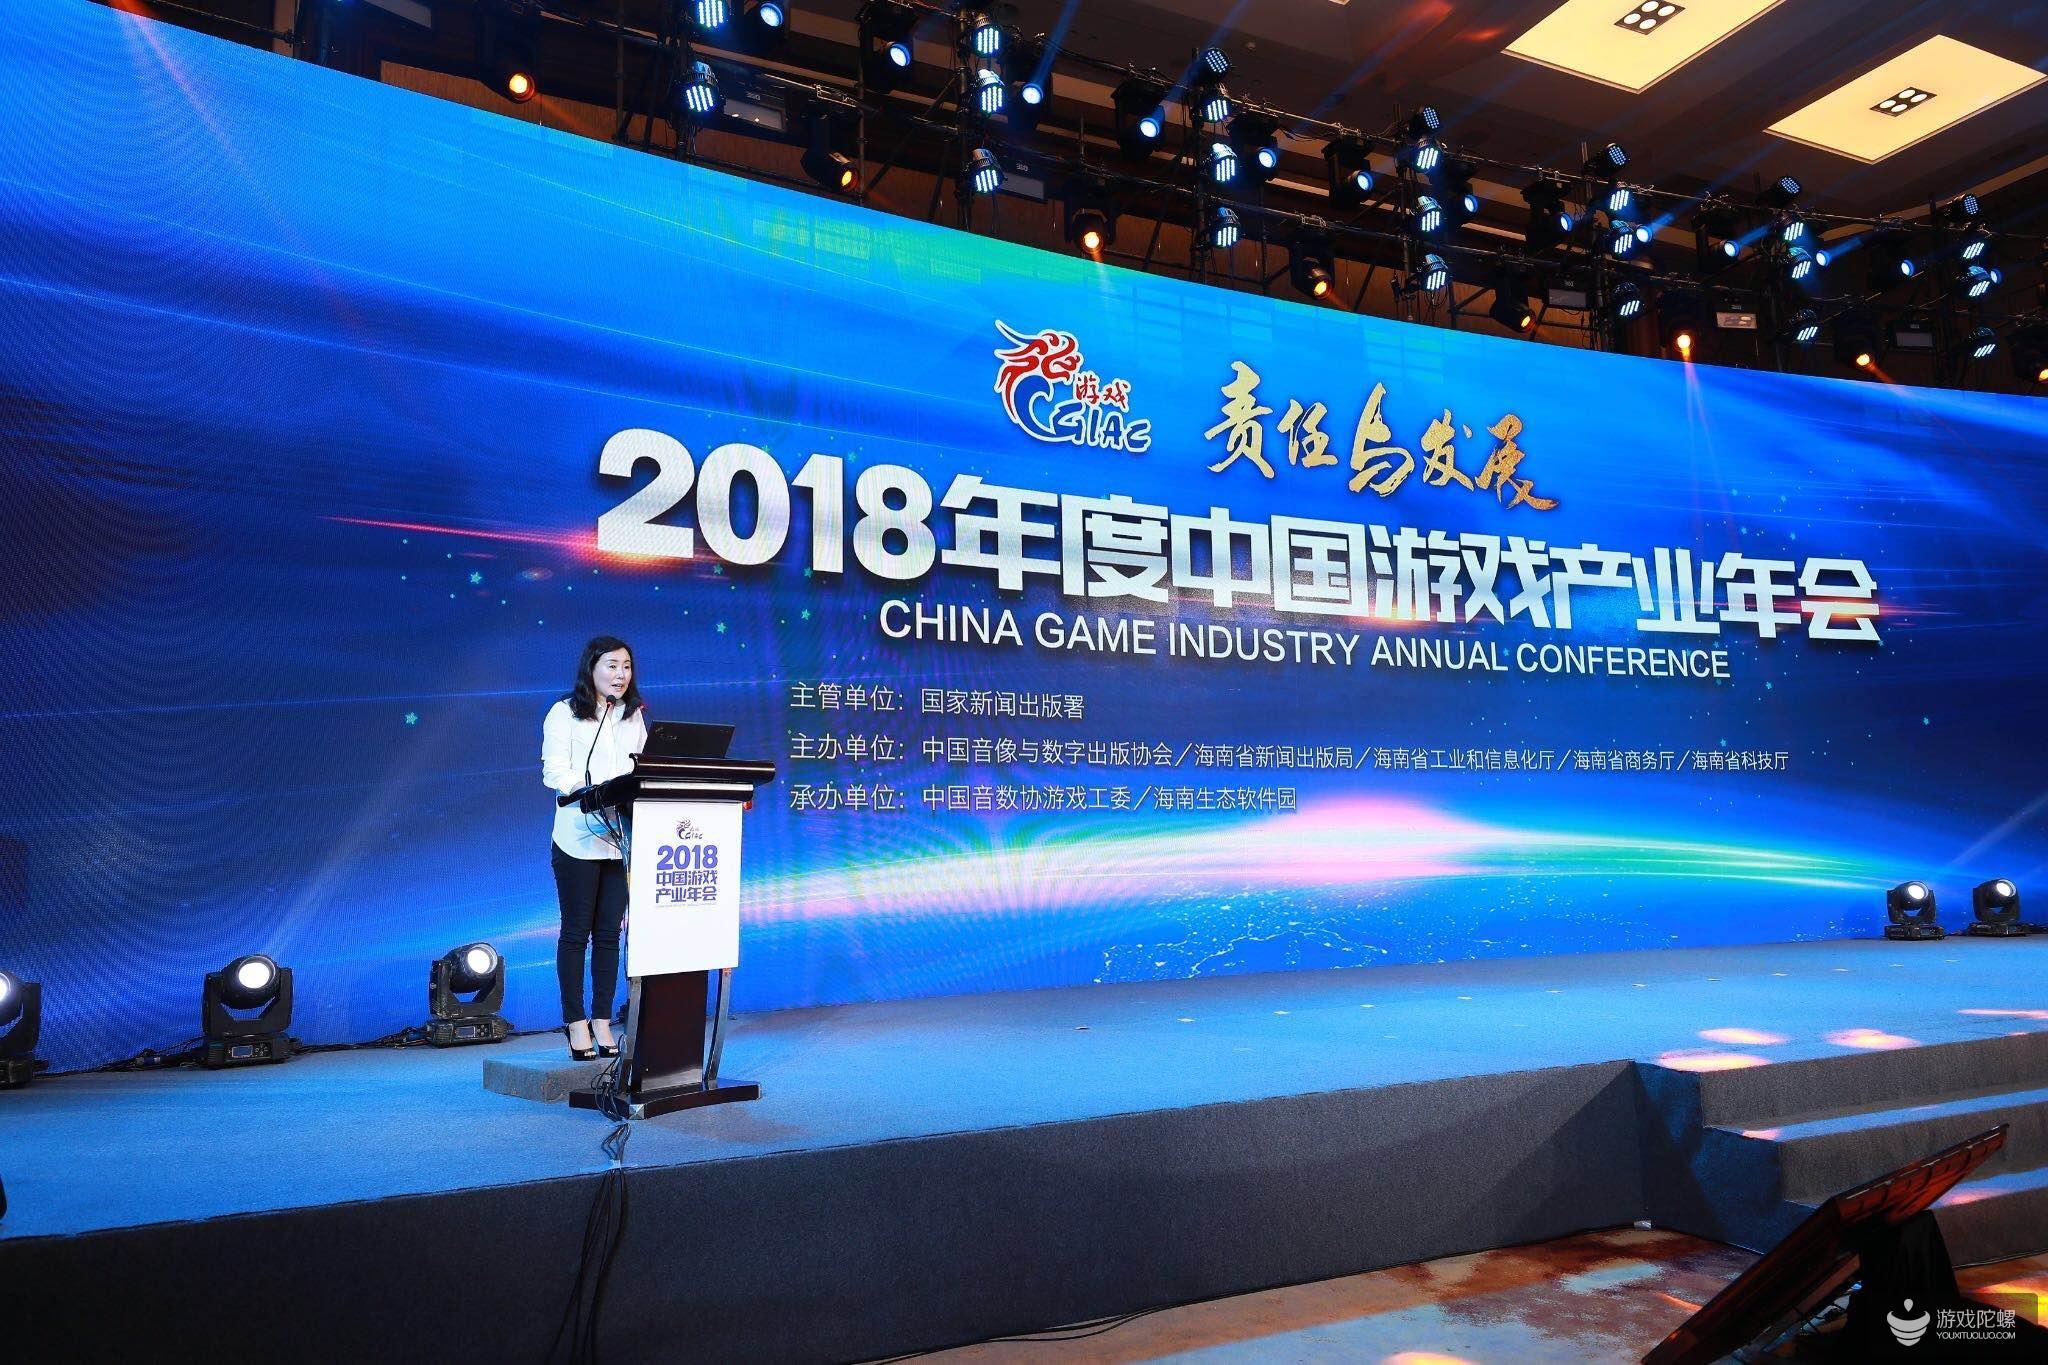 巨人网络总裁刘伟:责任与担当让游戏产业走得更远